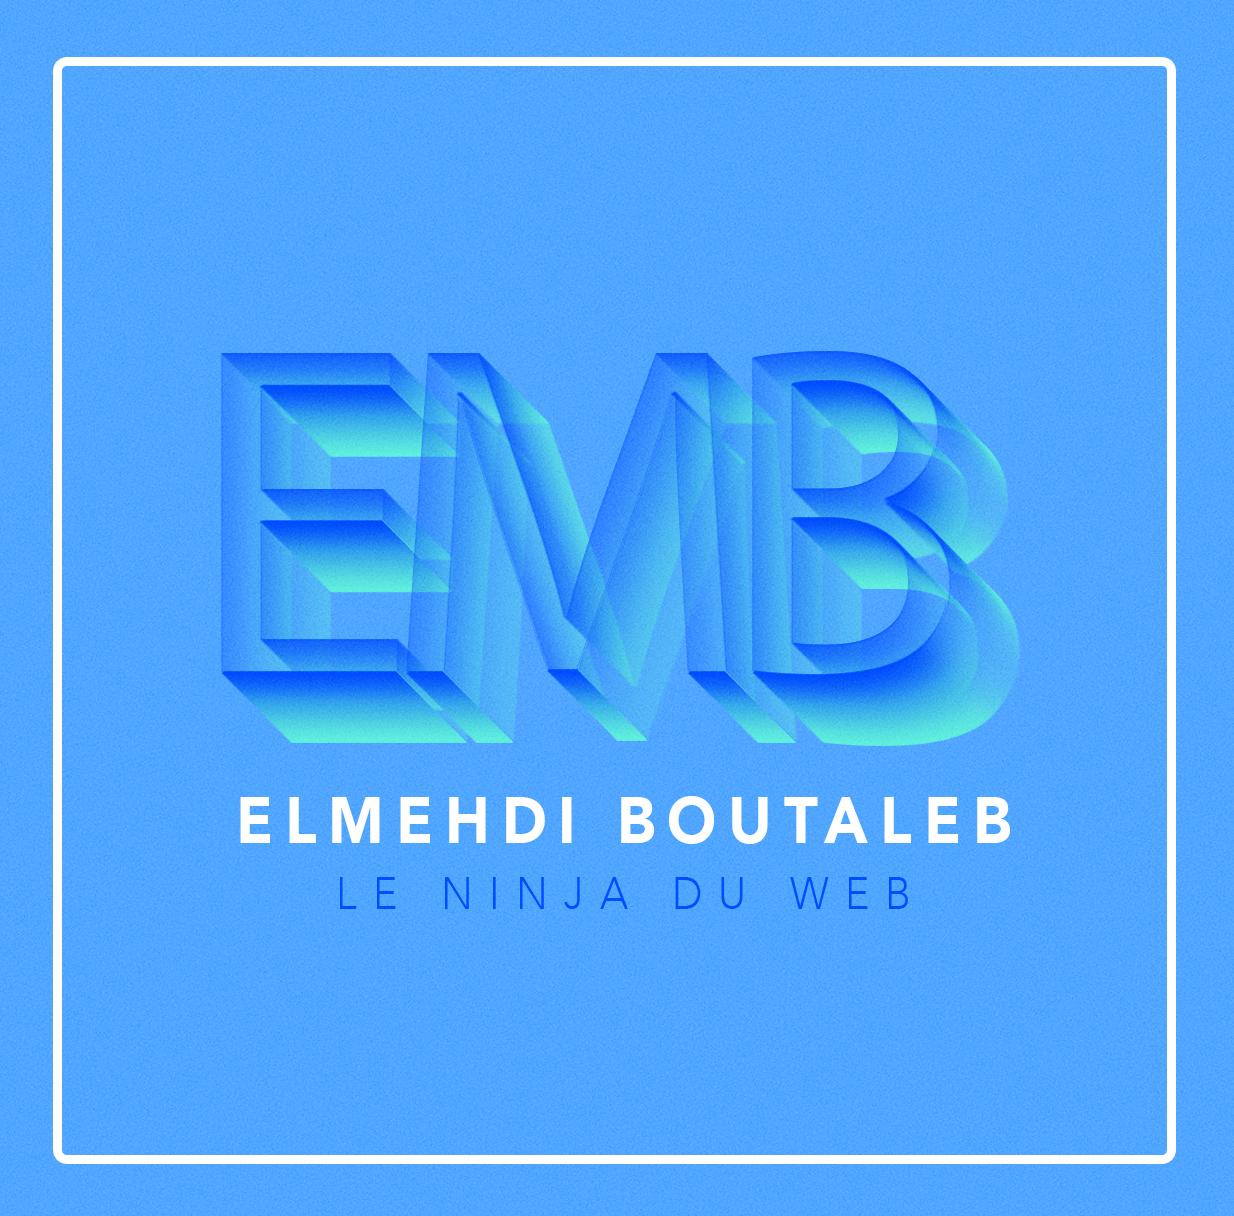 El Mehdi Boutaleb